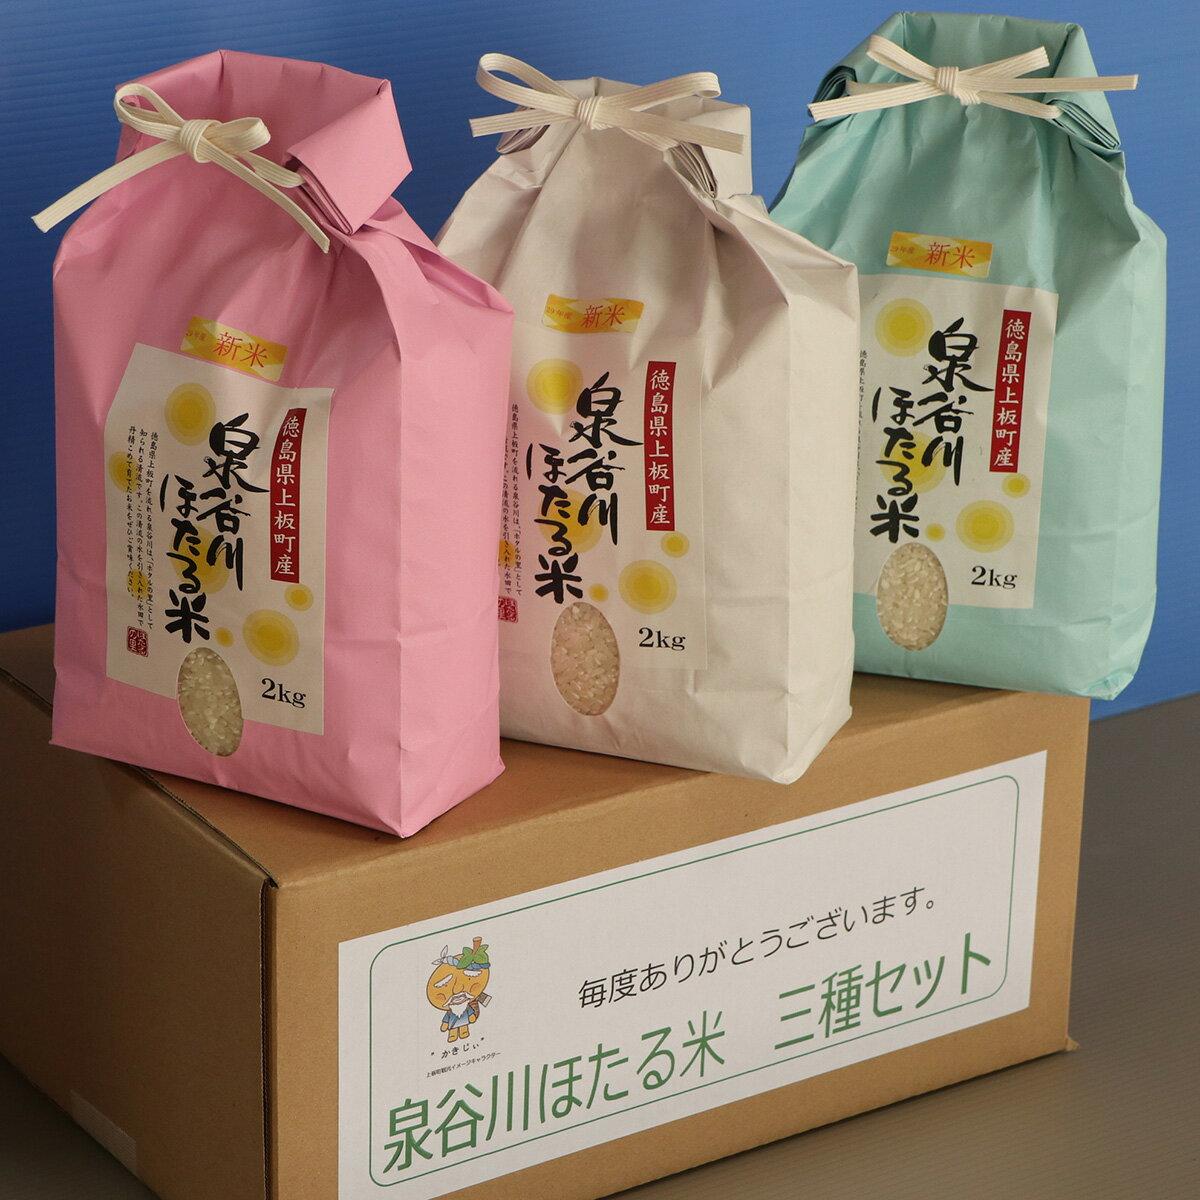 【ふるさと納税】泉谷川ほたる米「三種セット」コシヒカリ・ヒノヒカリ・キヌヒカリ各2kgを3個セットにした6kgです。※2018年10月〜5月発送予定